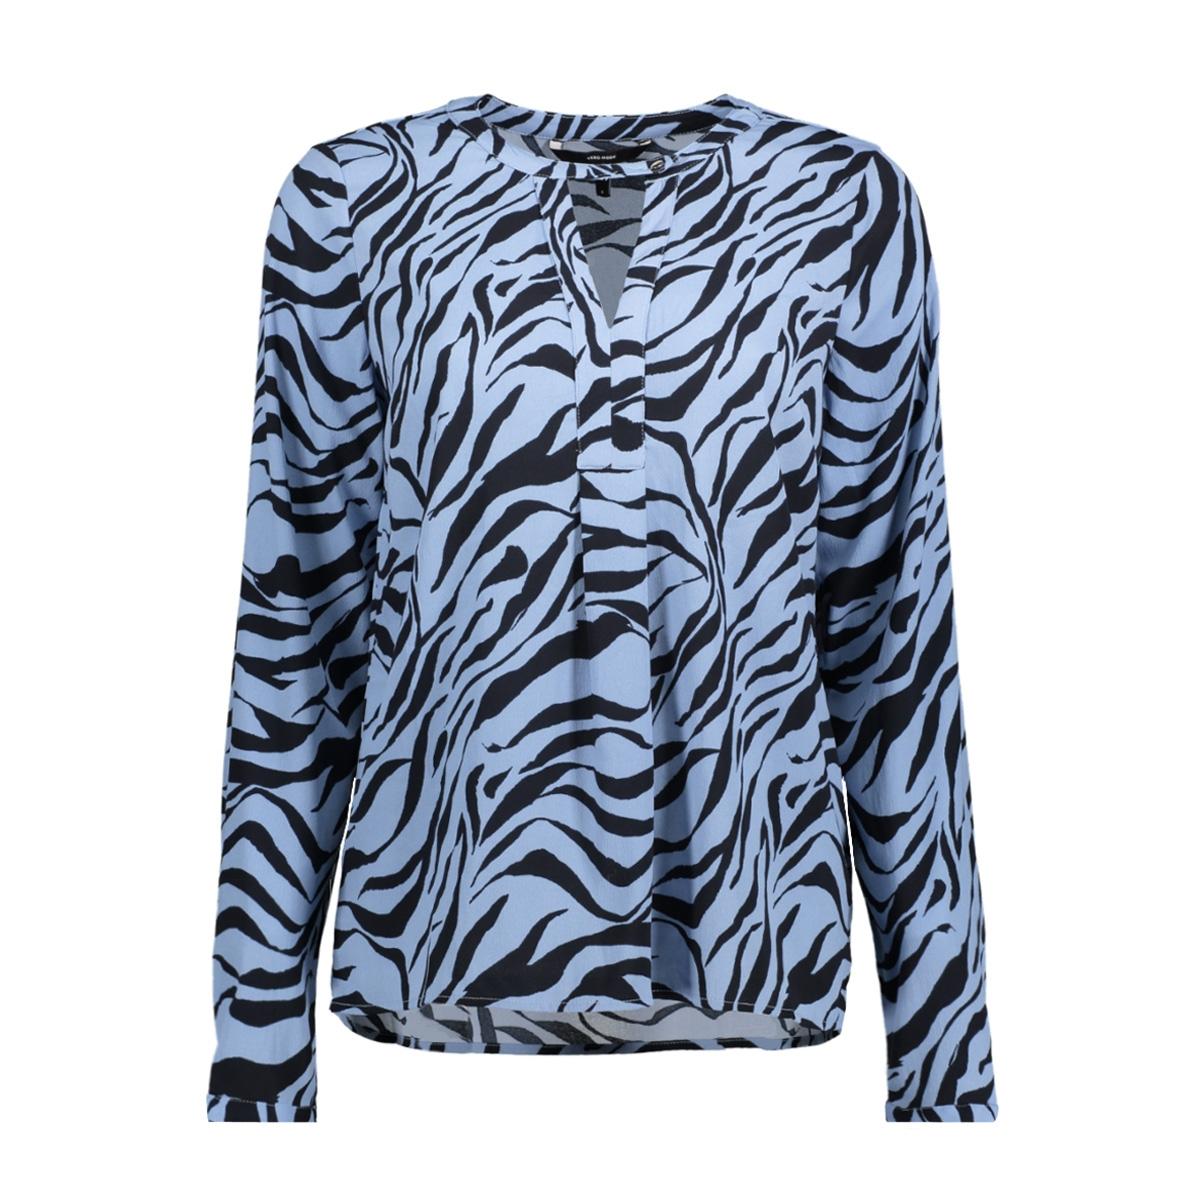 vmzanzana lia ls top 10190360 vero moda blouse allure/zanzana